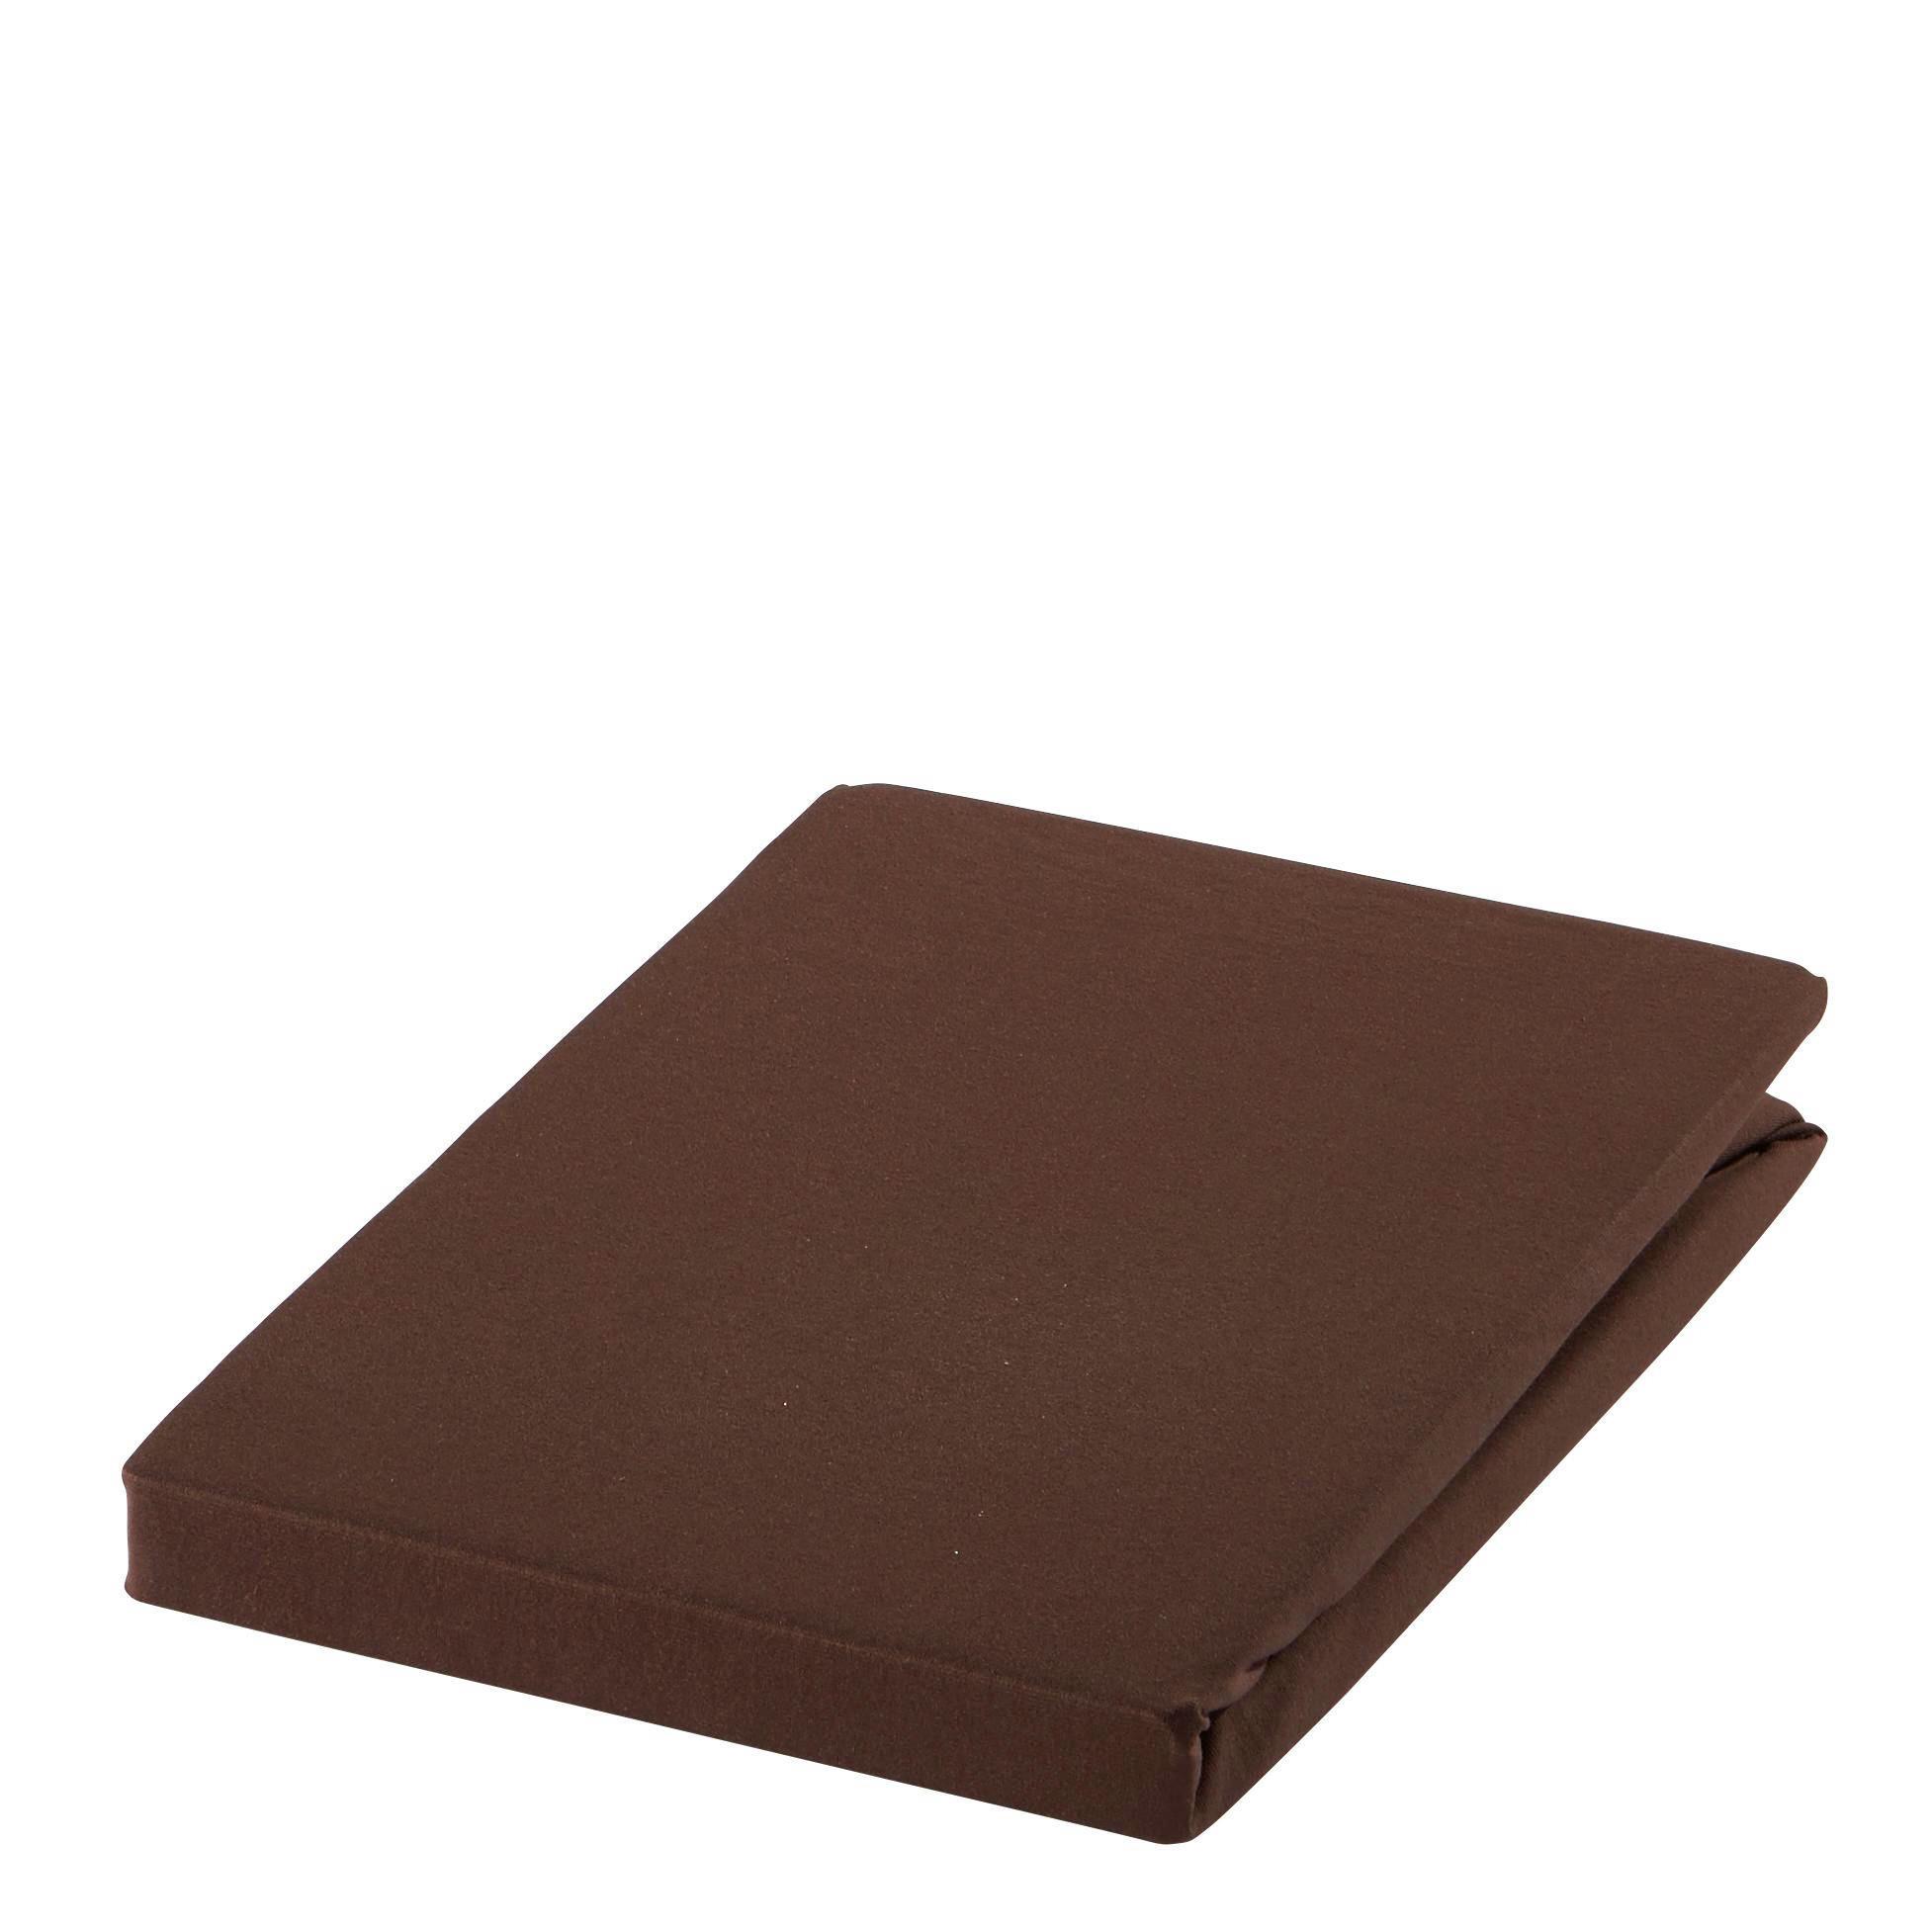 SPANNBETTTUCH Zwirn-Jersey Braun bügelfrei, für Wasserbetten geeignet - Braun, Basics, Textil (100/200cm) - ESTELLA